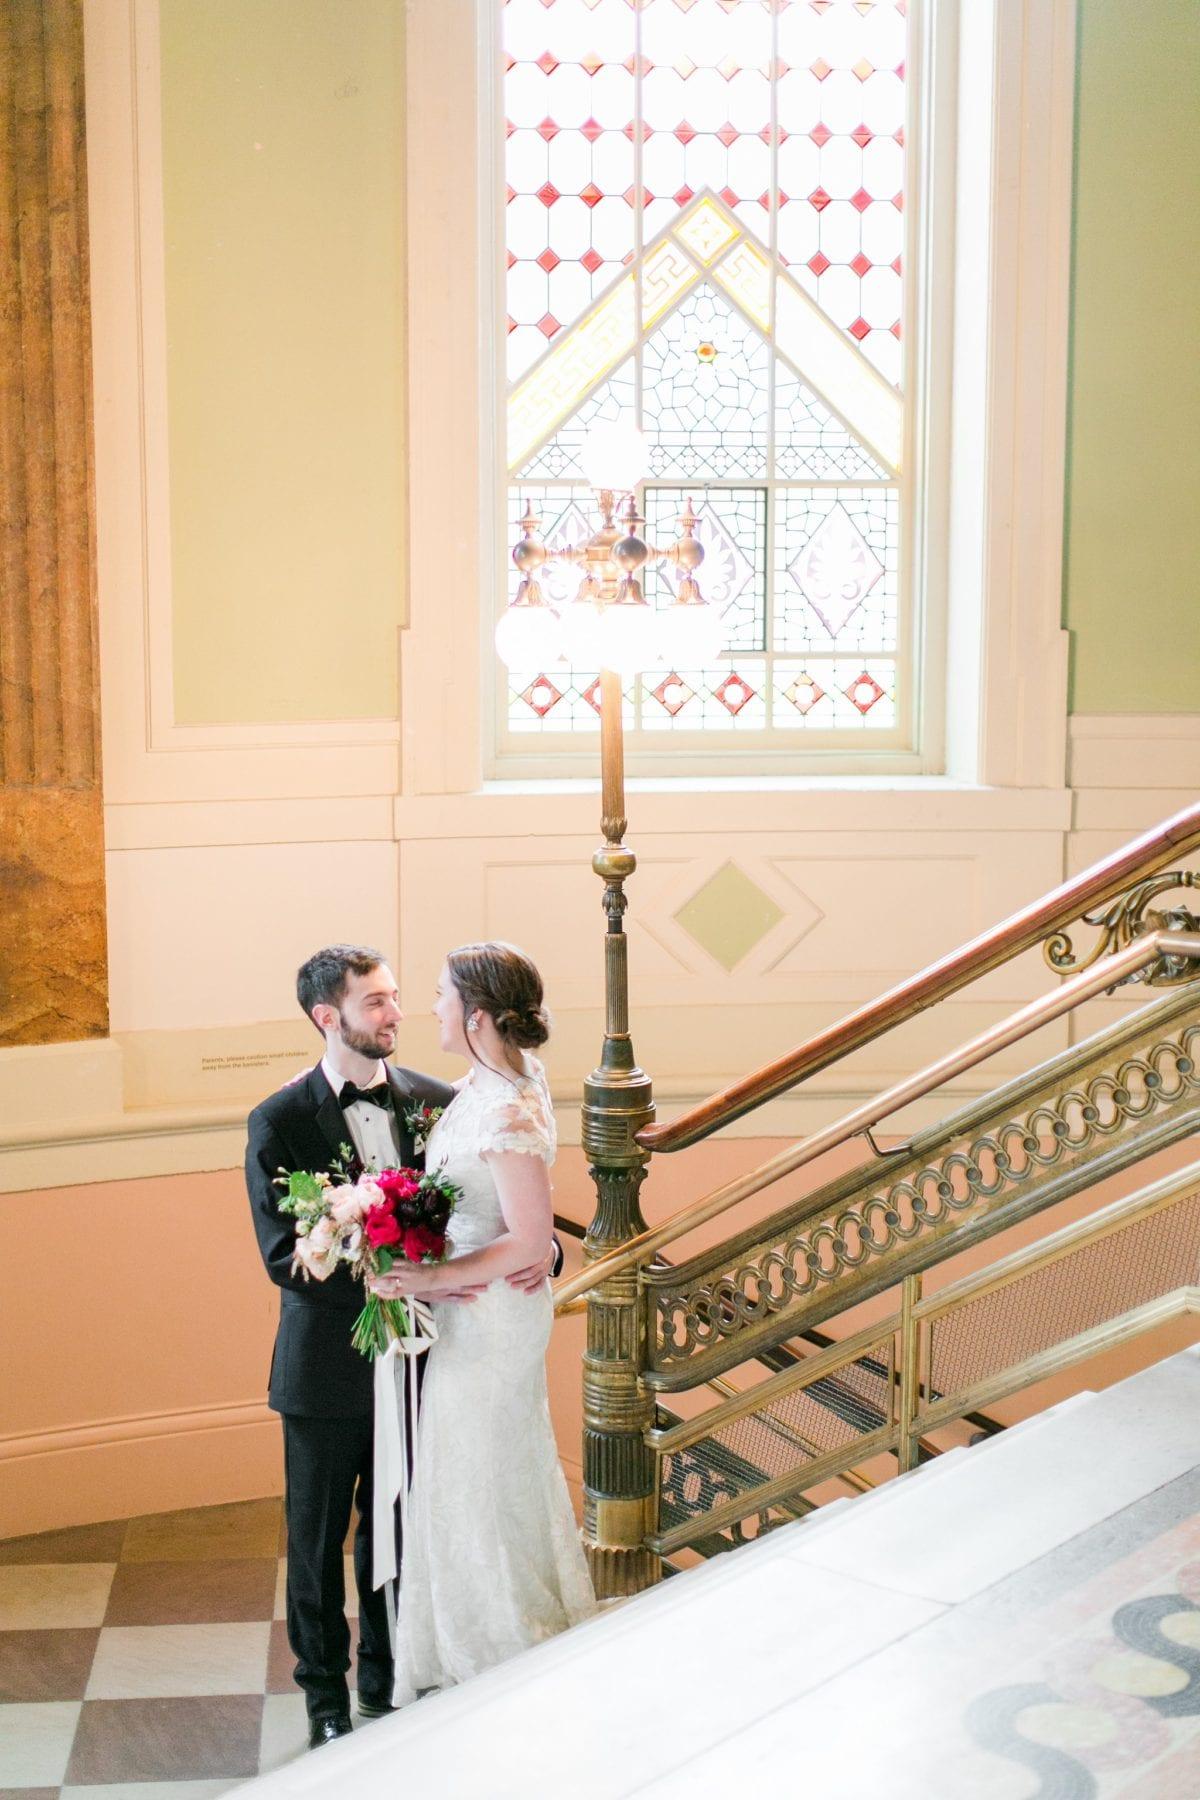 Hotel Monaco Washington DC Wedding Photos Megan Kelsey Photography Erin & Mike -154